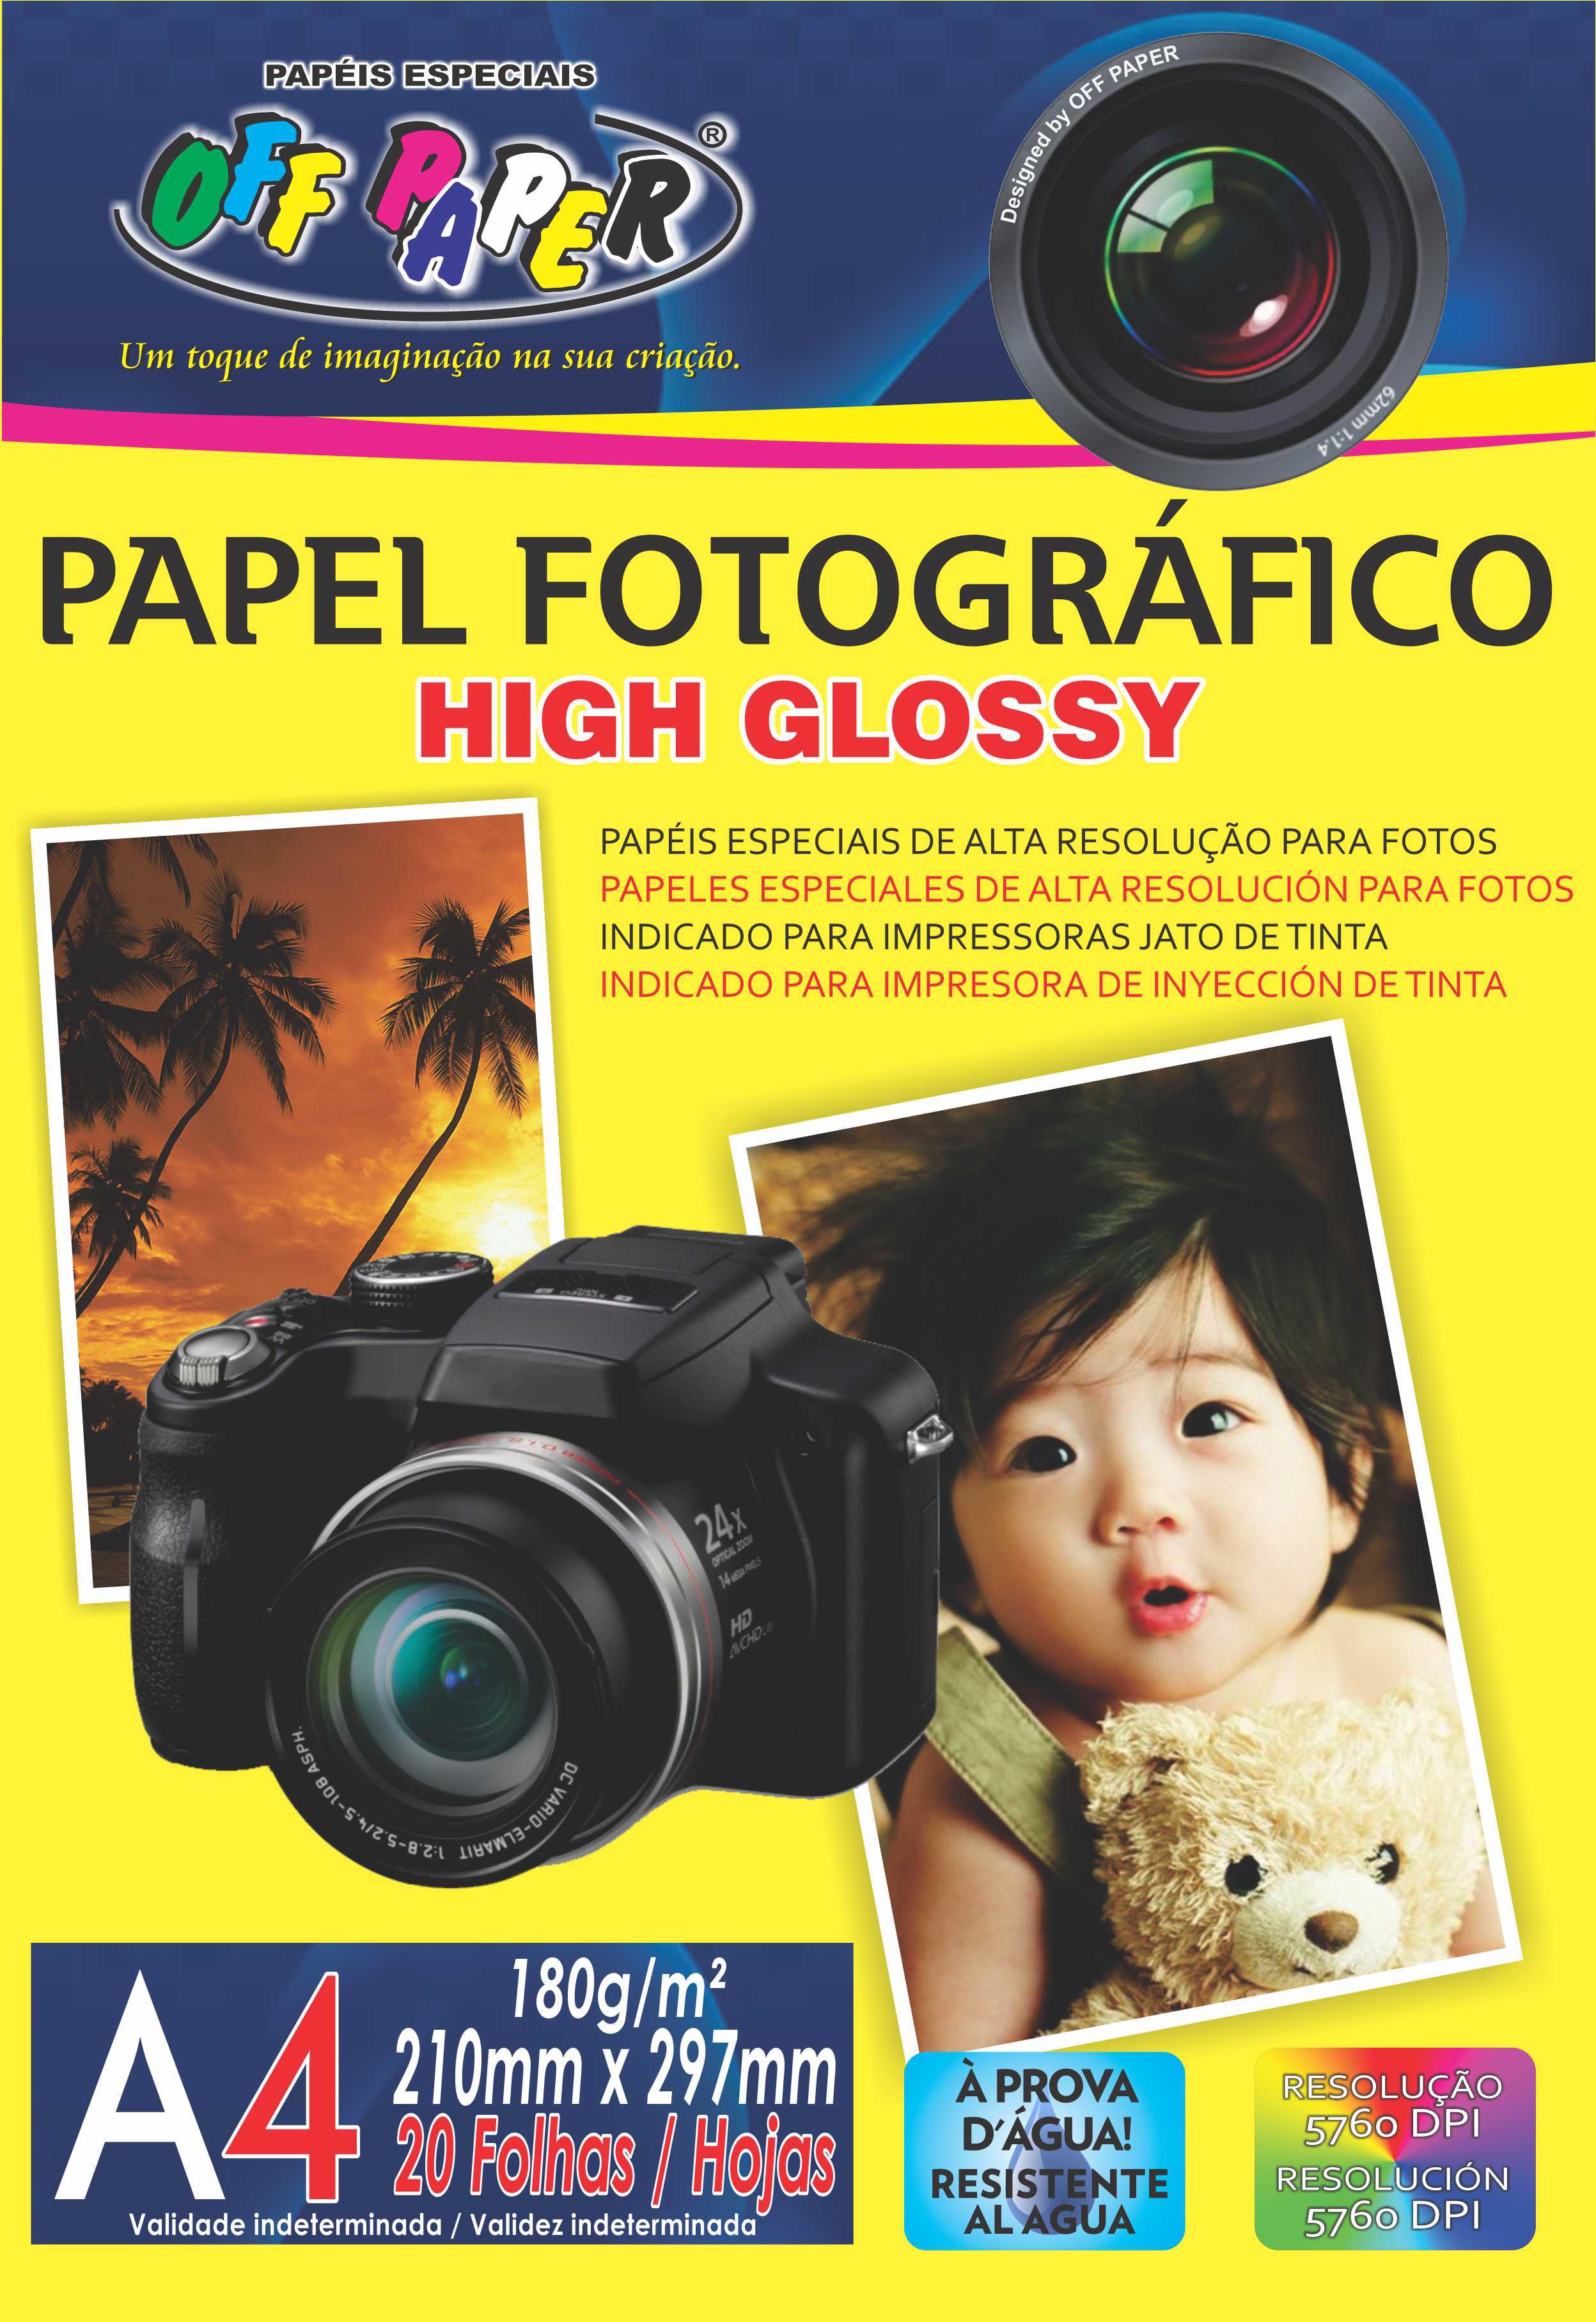 Papel Fotográfico High Glossy 180g- A4 com 20 Folhas